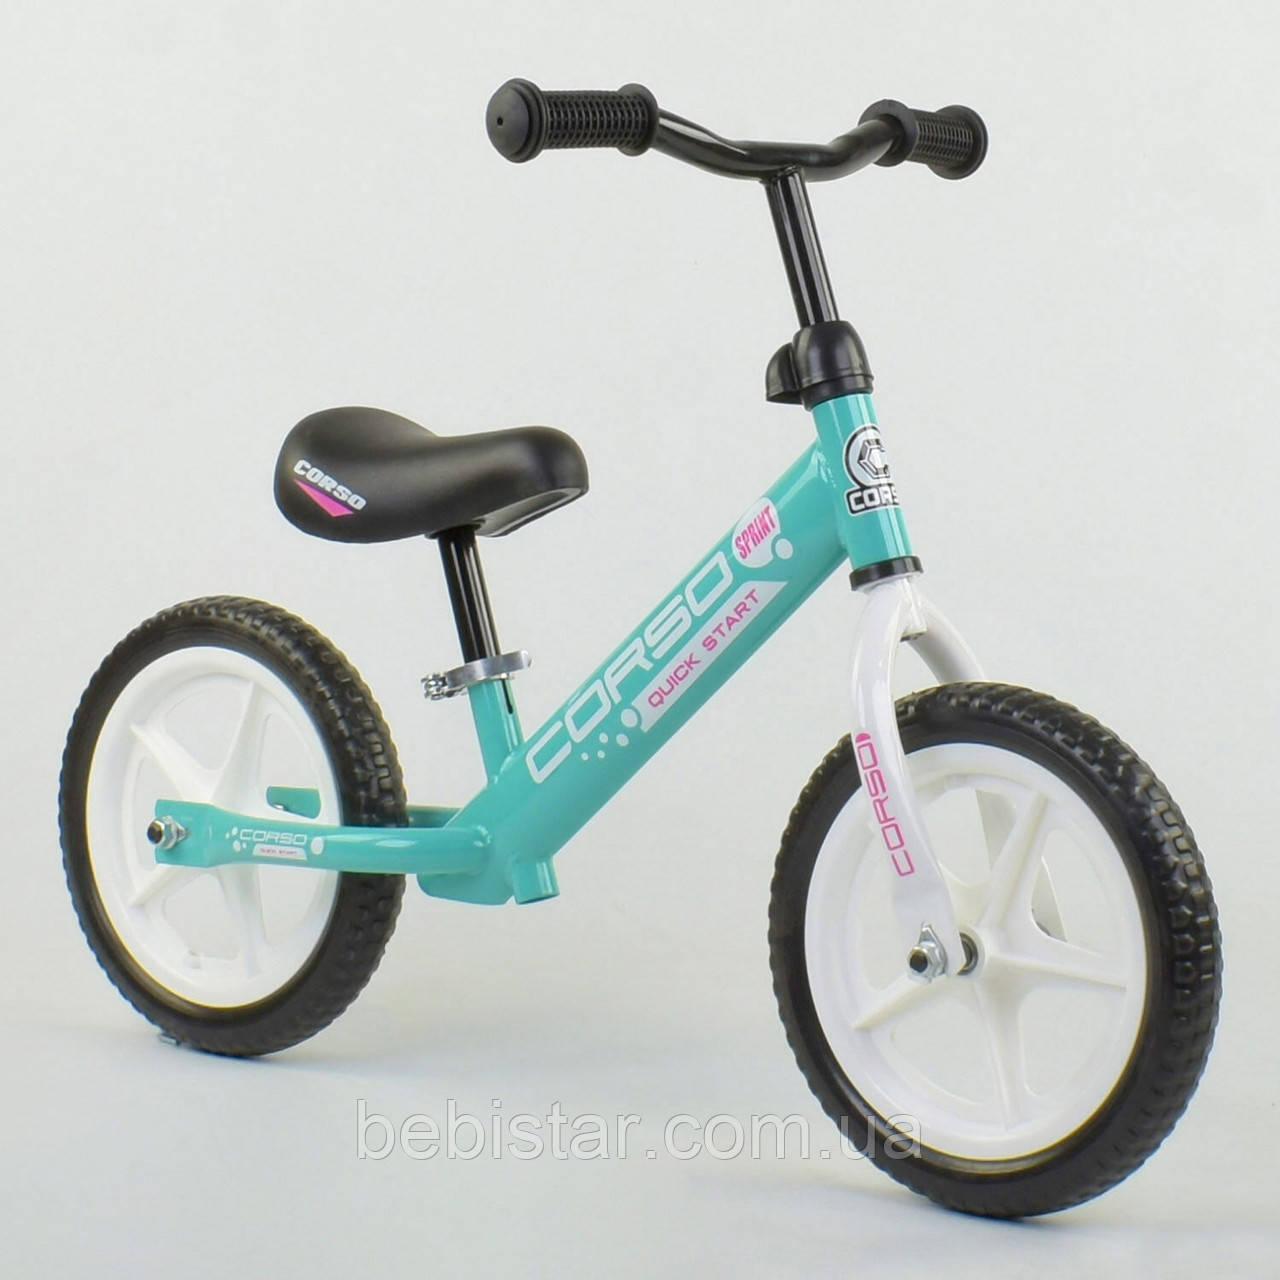 """Беговел бірюзовий CORSO сталева рама 12"""" колеса EVA для дітей 2-4 роки"""